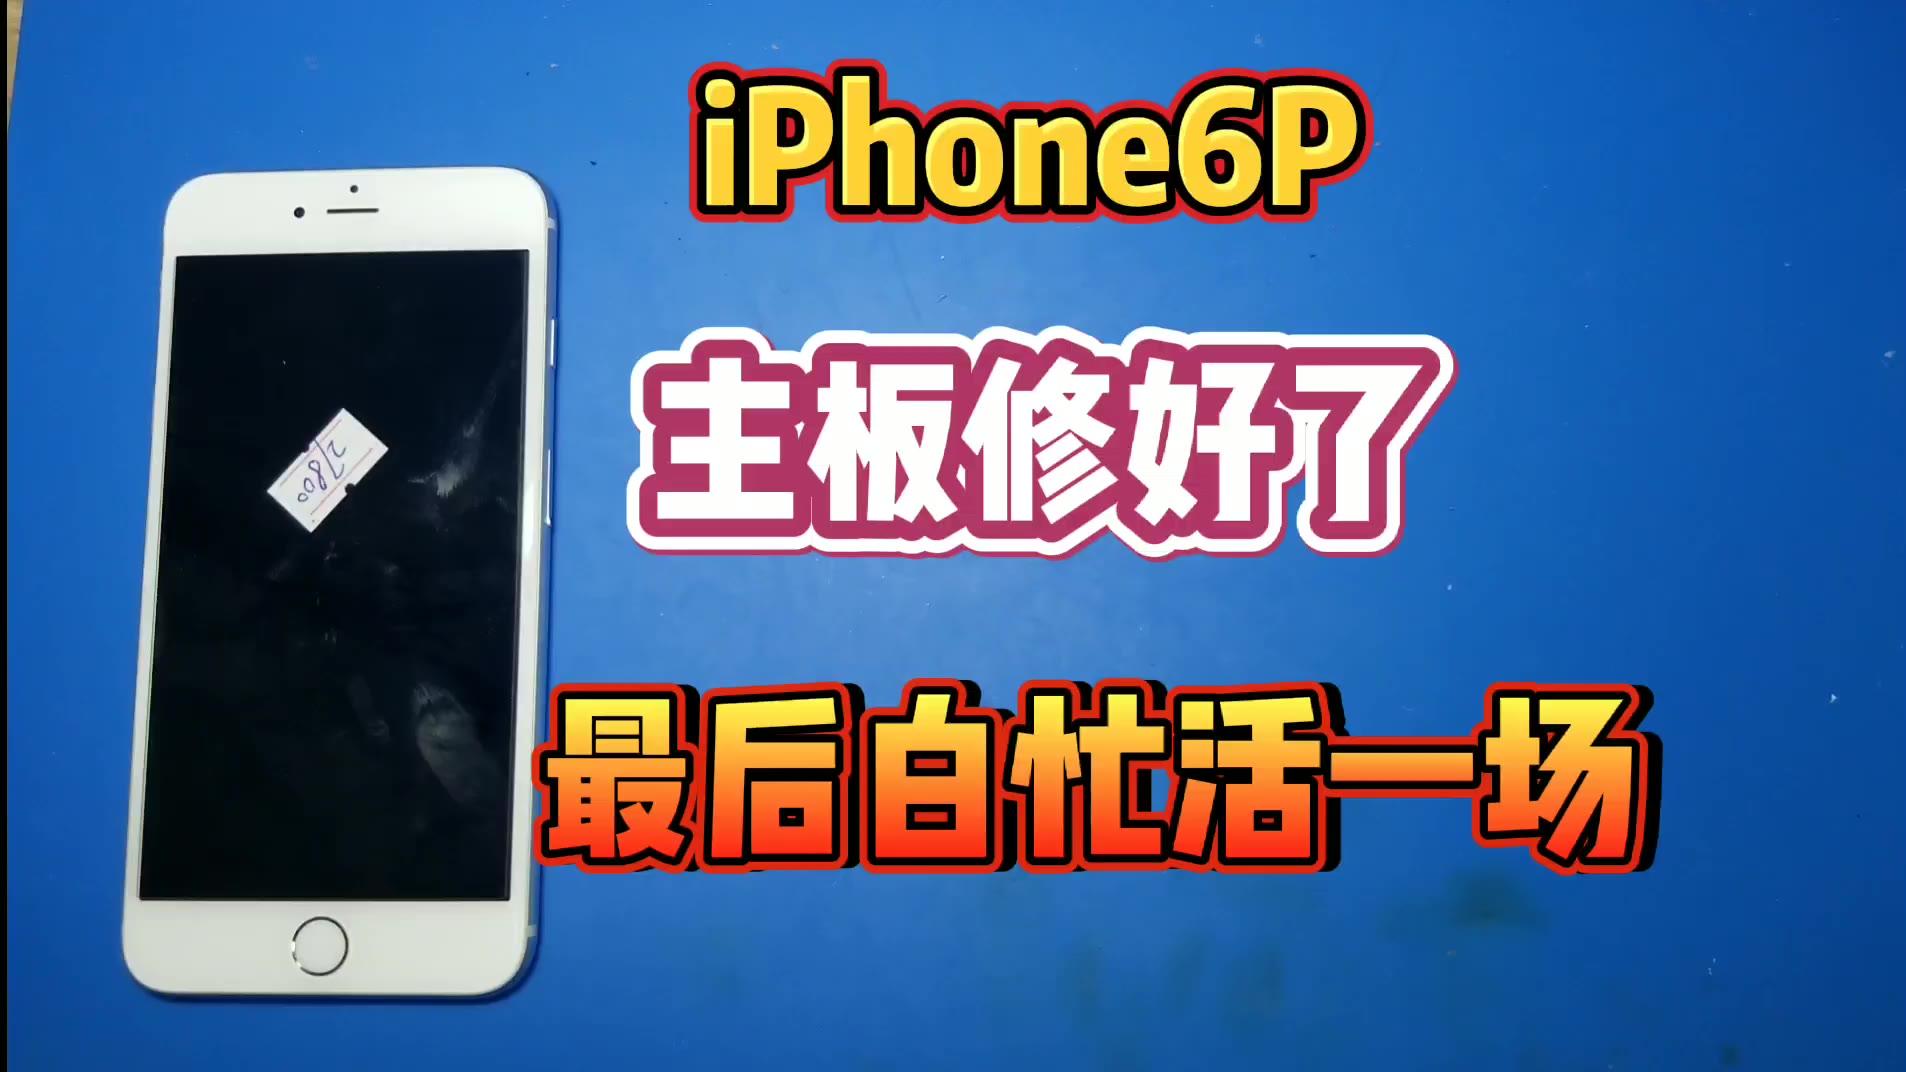 iPhone6P不开机放在家里两年多,修开机了打算扩容,粉丝密码都忘记了,白忙活了